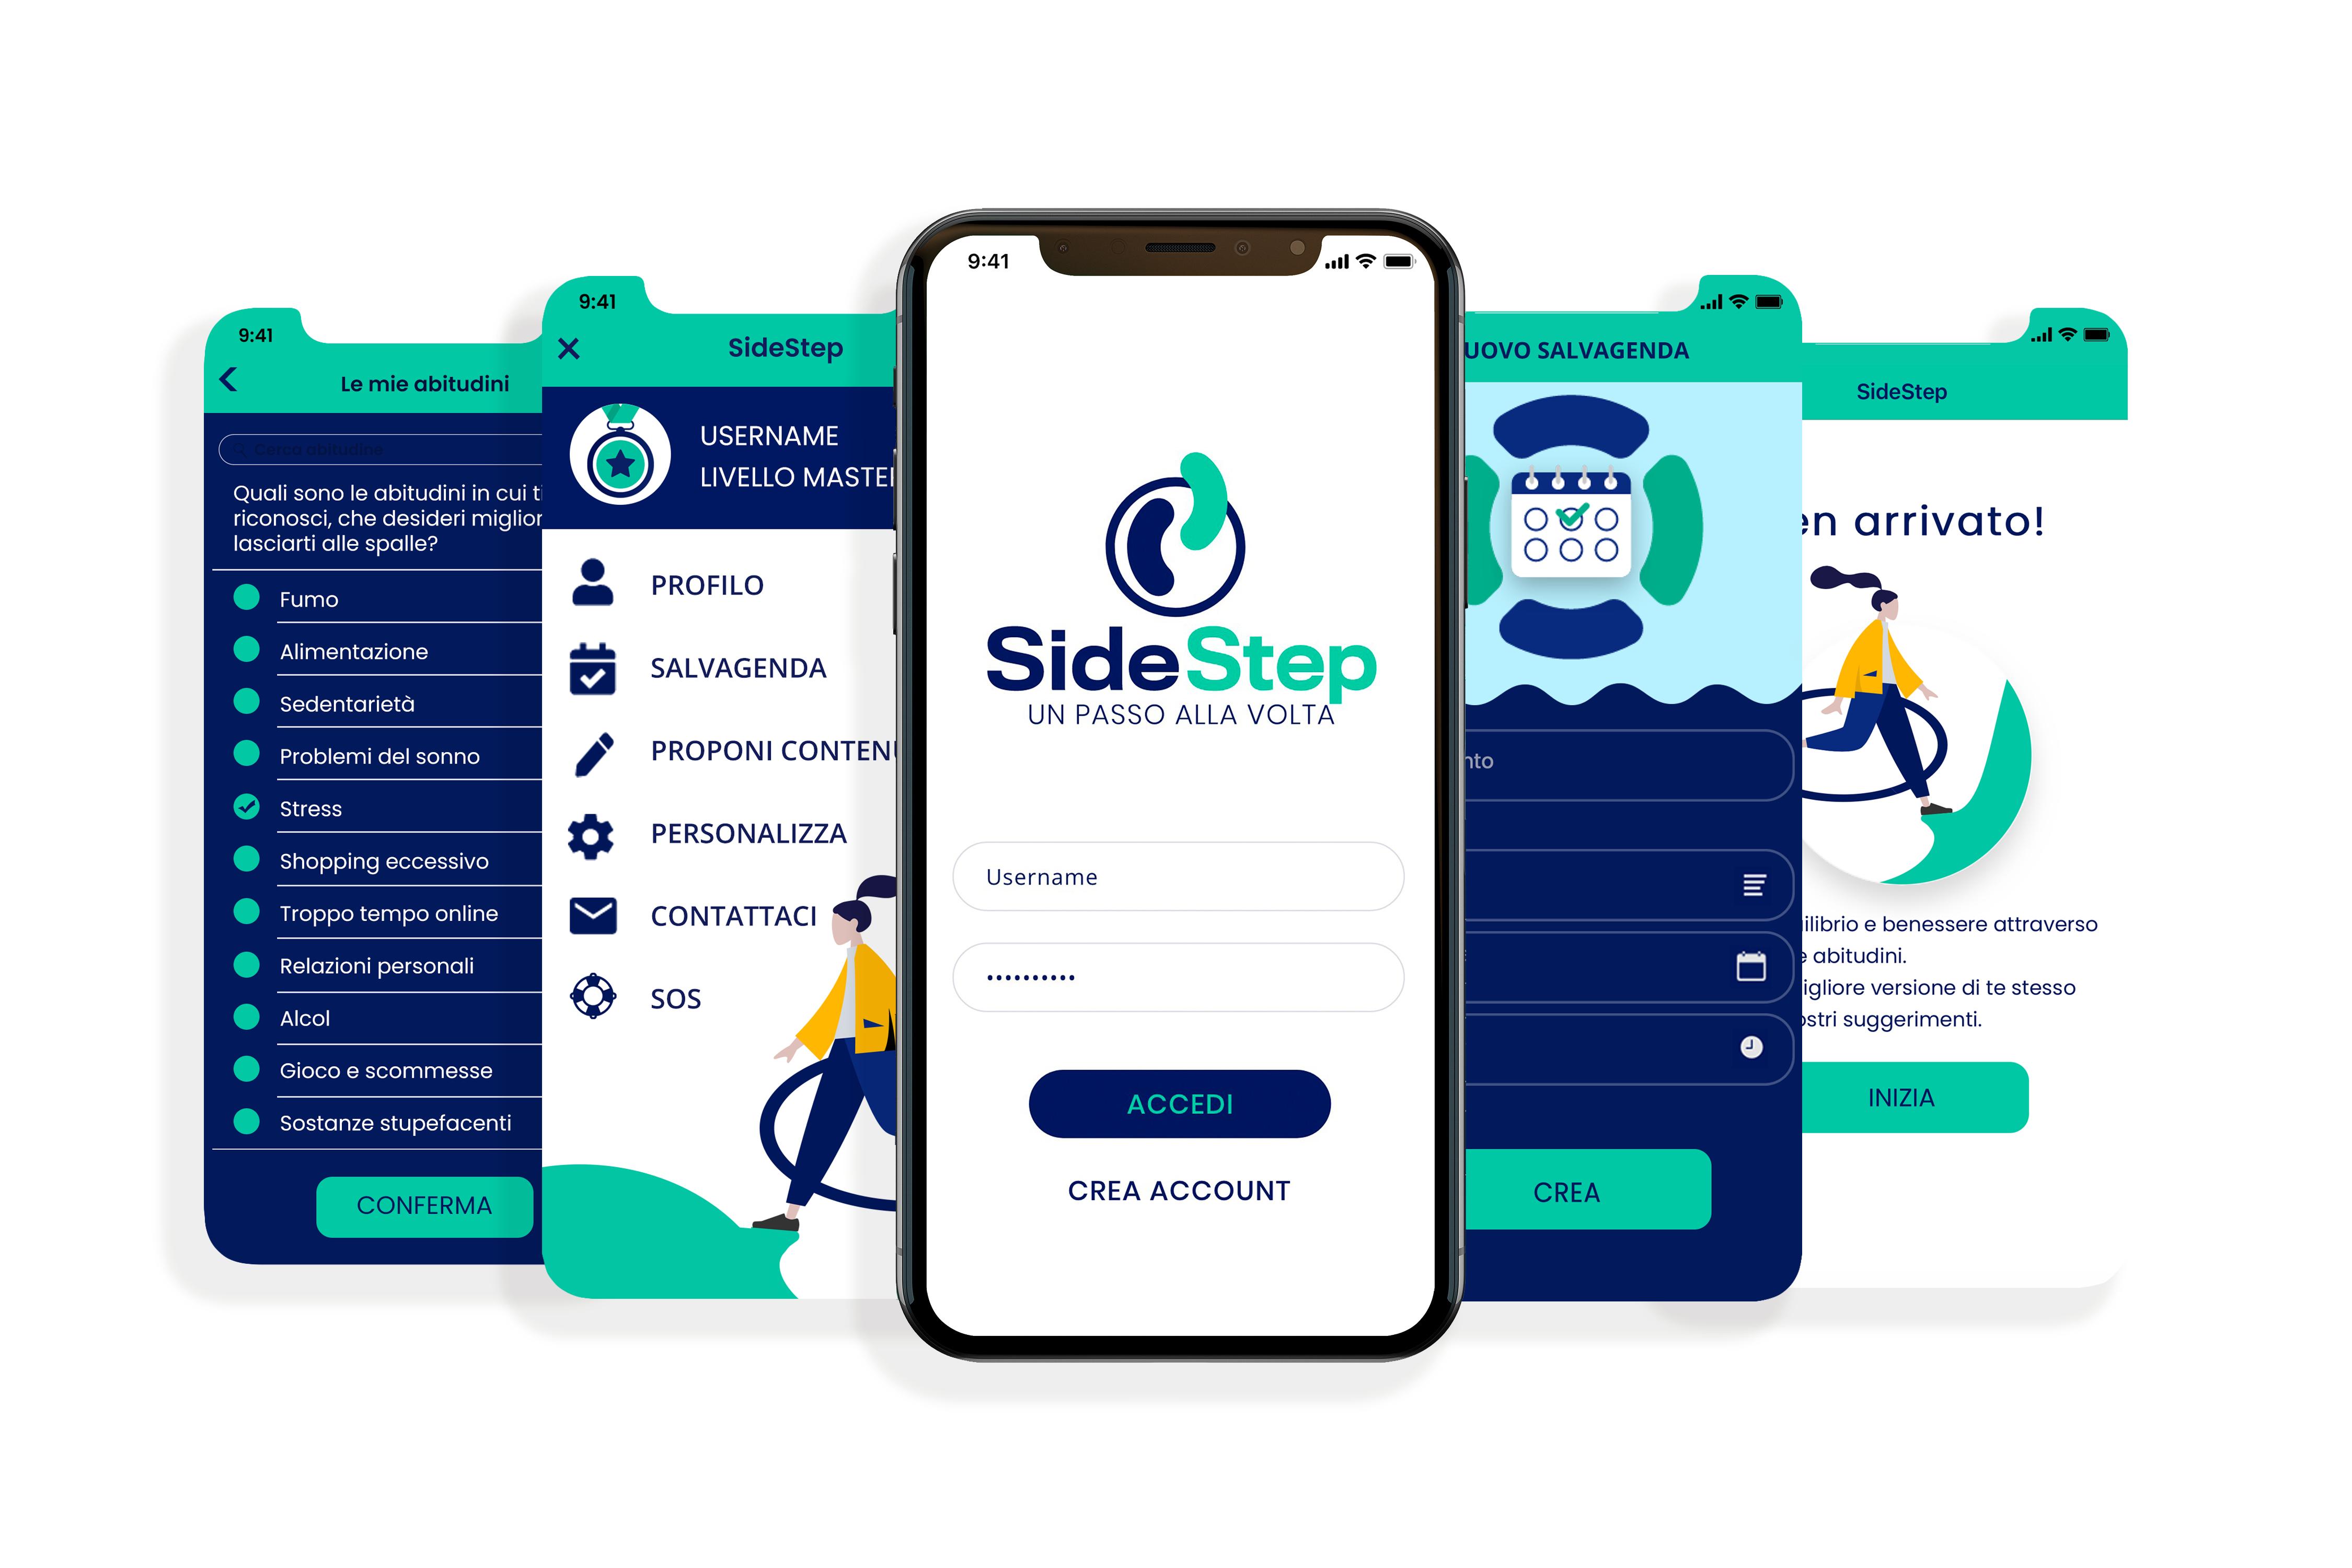 sidestep-app-migliora abitudini